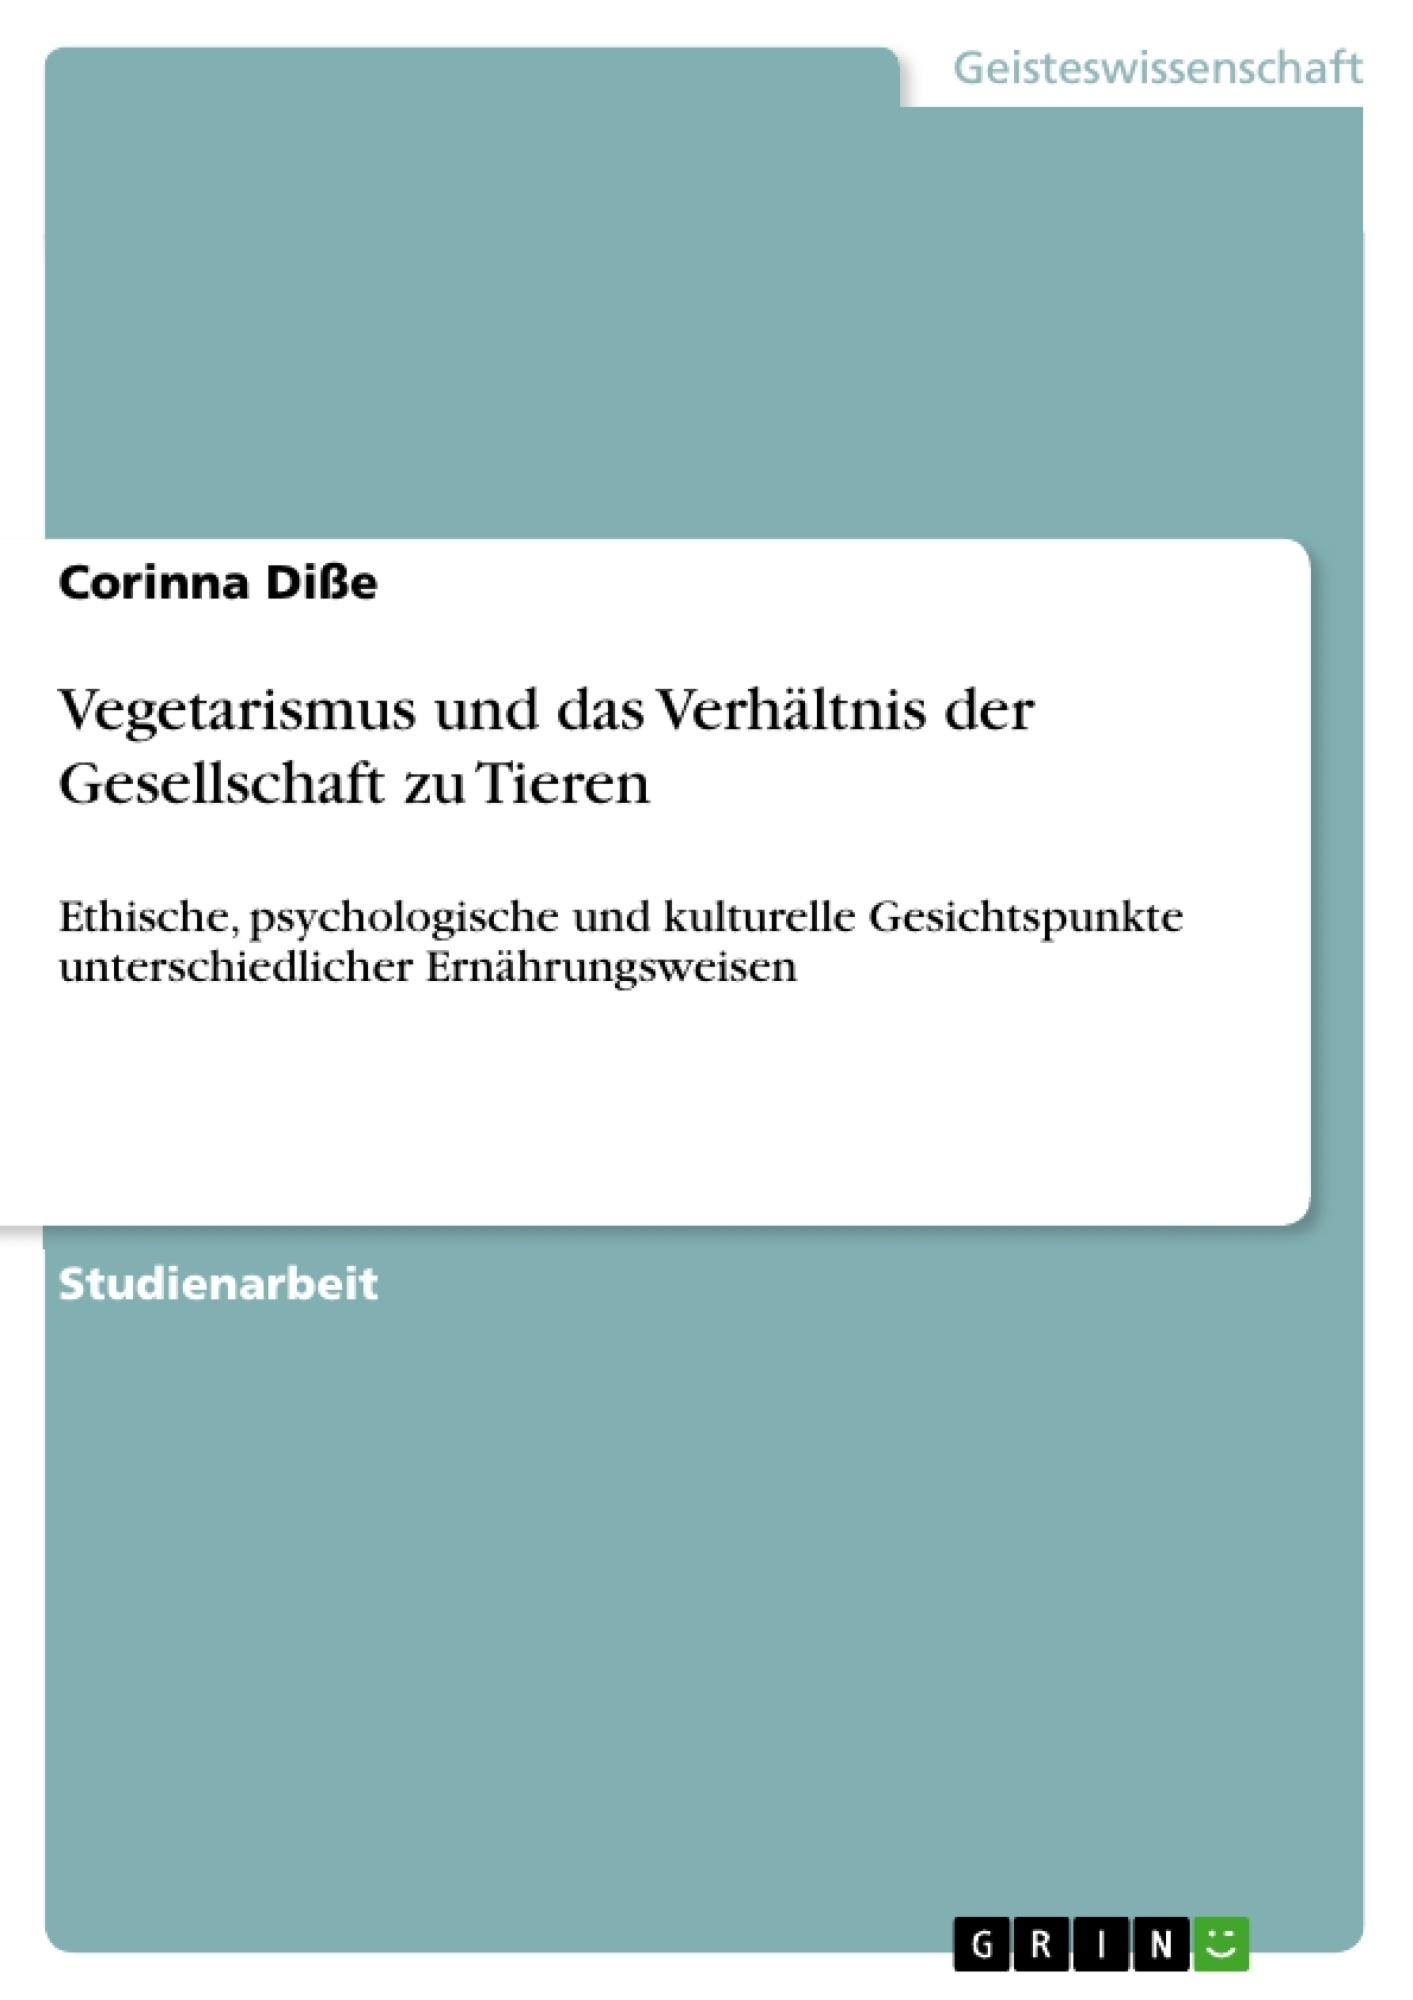 Titel: Vegetarismus und das Verhältnis der Gesellschaft zu Tieren